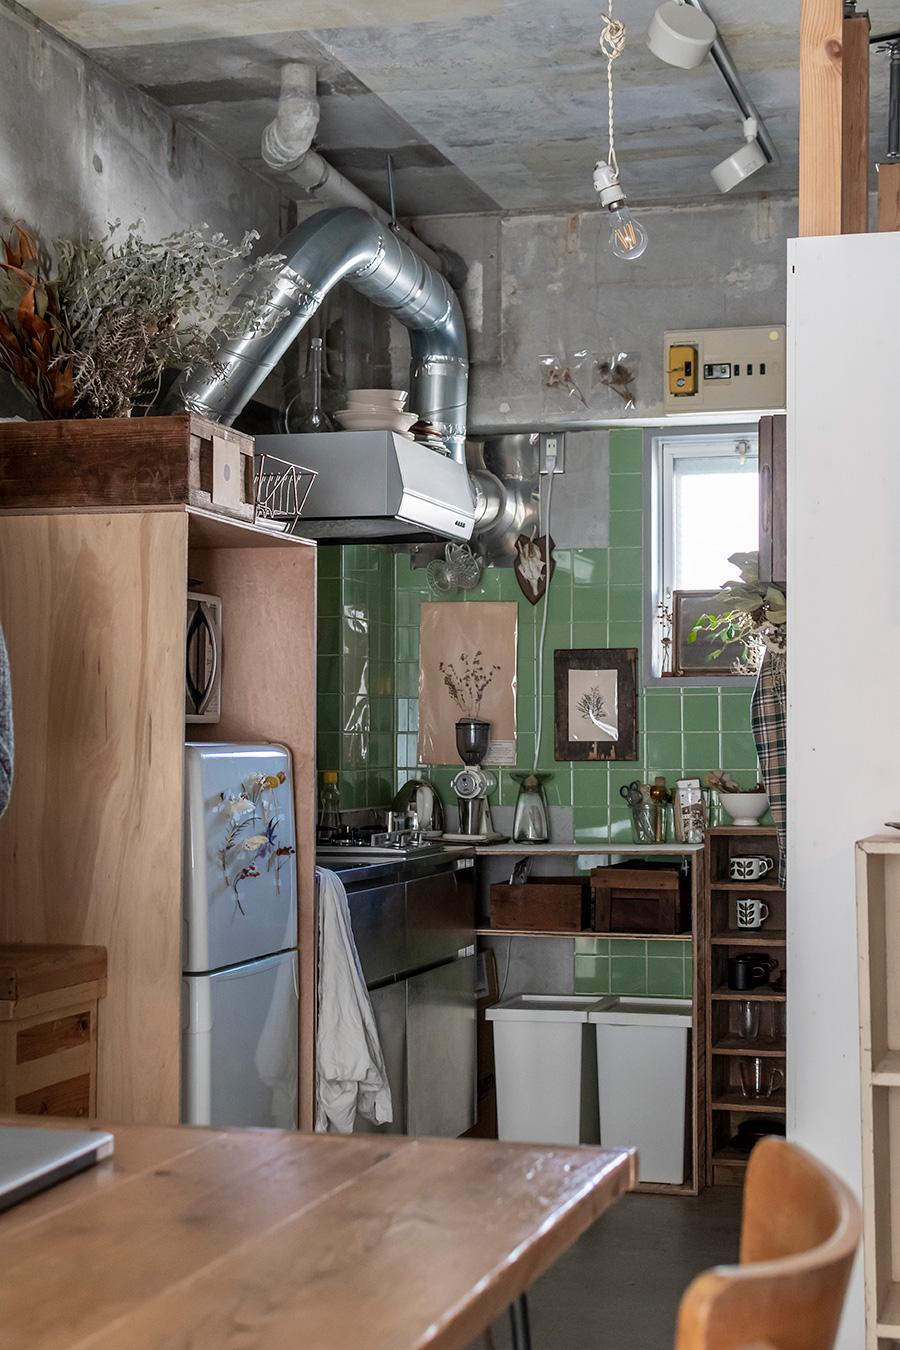 キッチンのタイルが部屋のアクセントに。生活感が出る冷蔵庫や電子レンジを隠すため、囲いをDIYで作った。